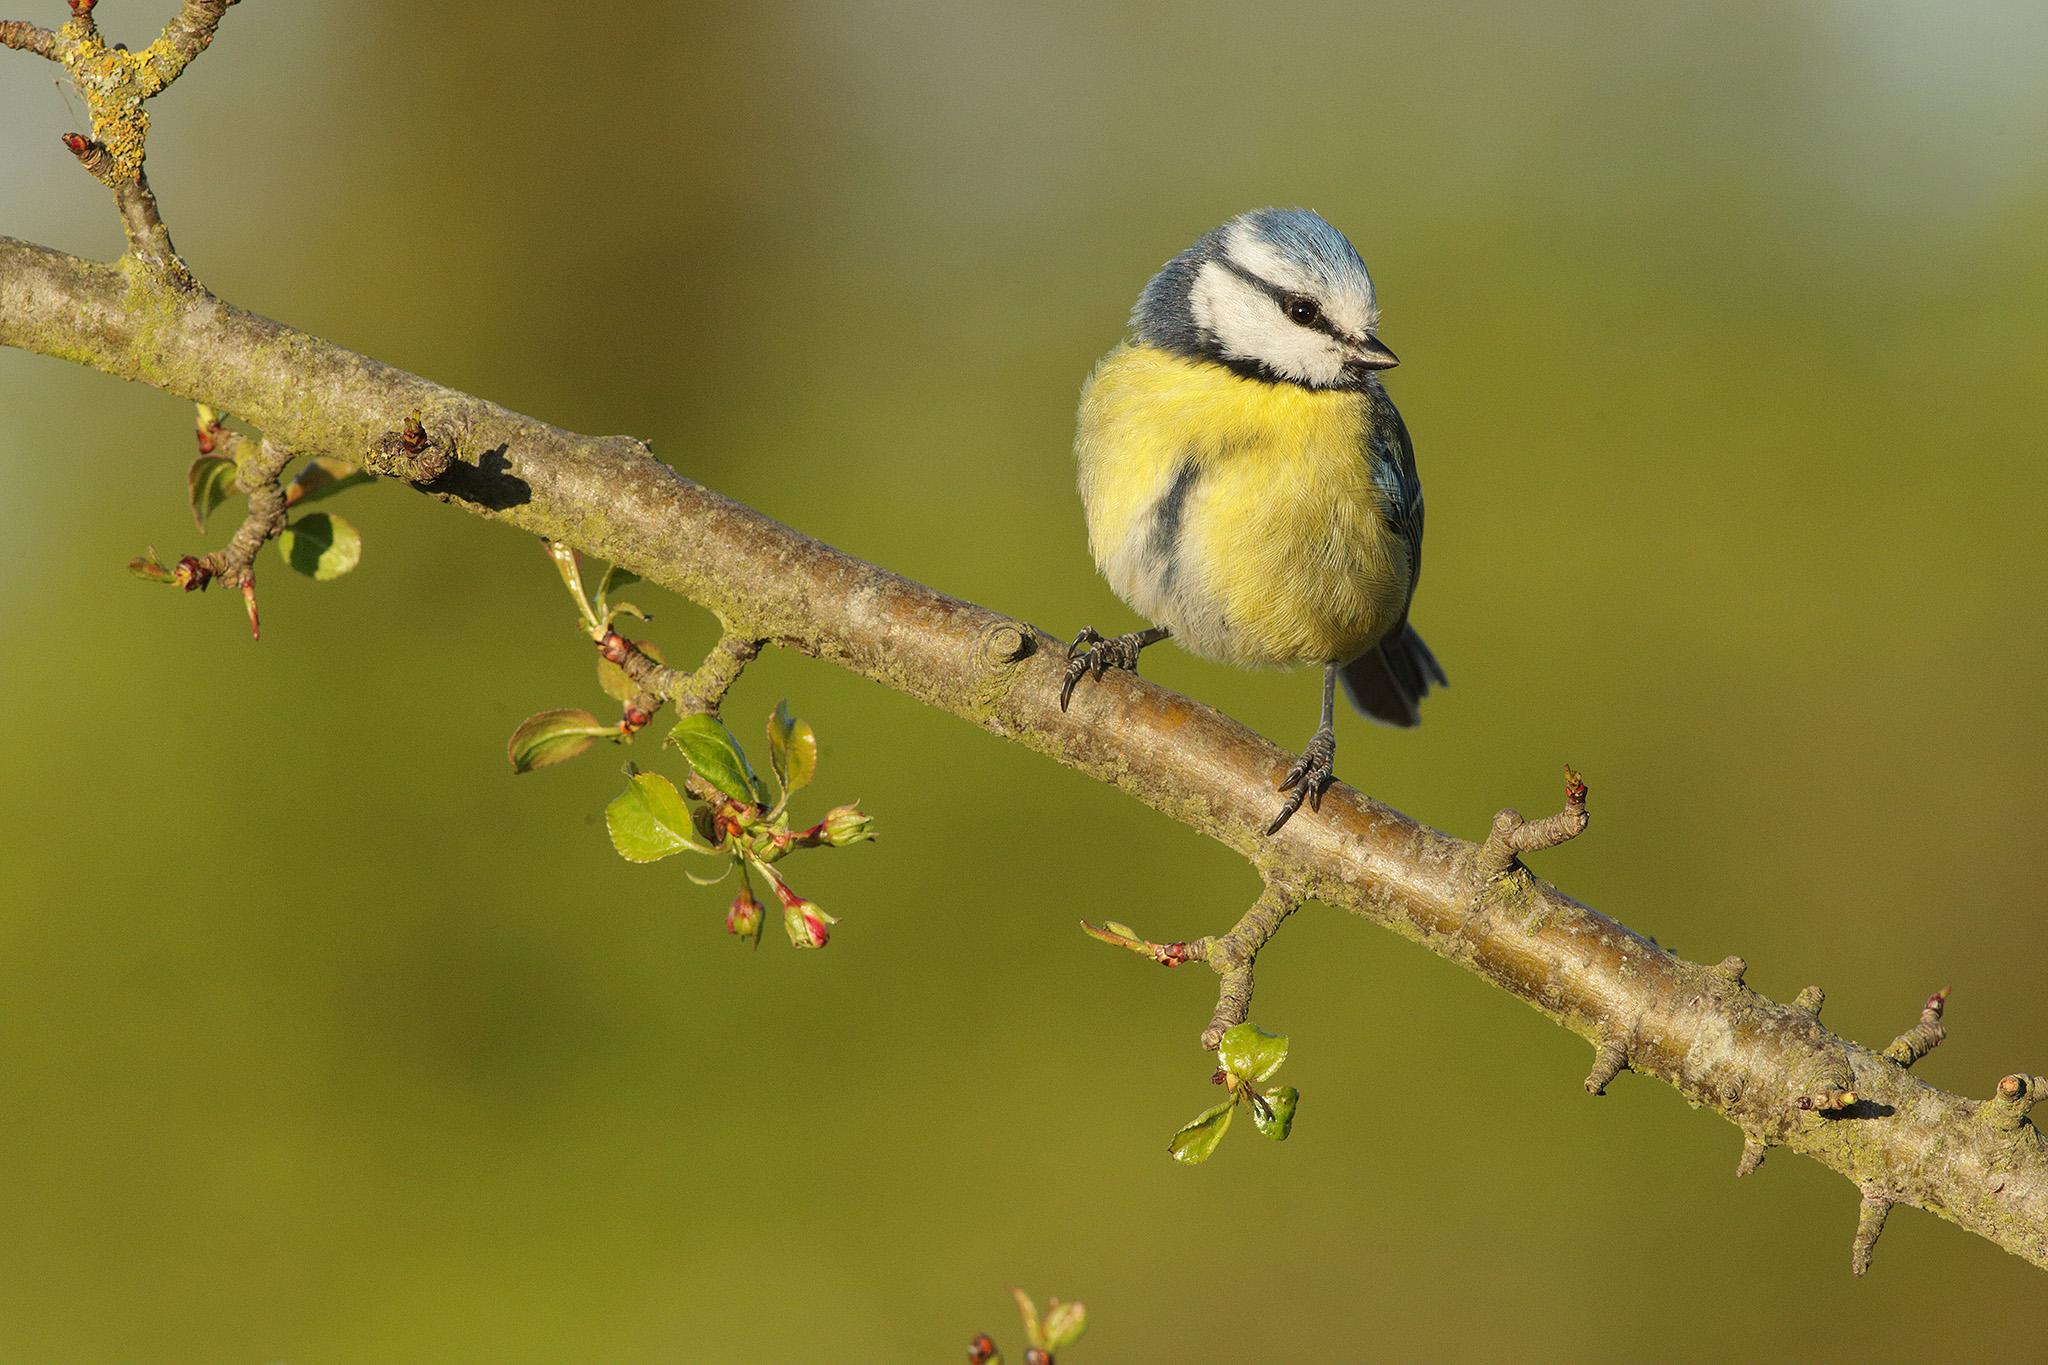 blue tit perched